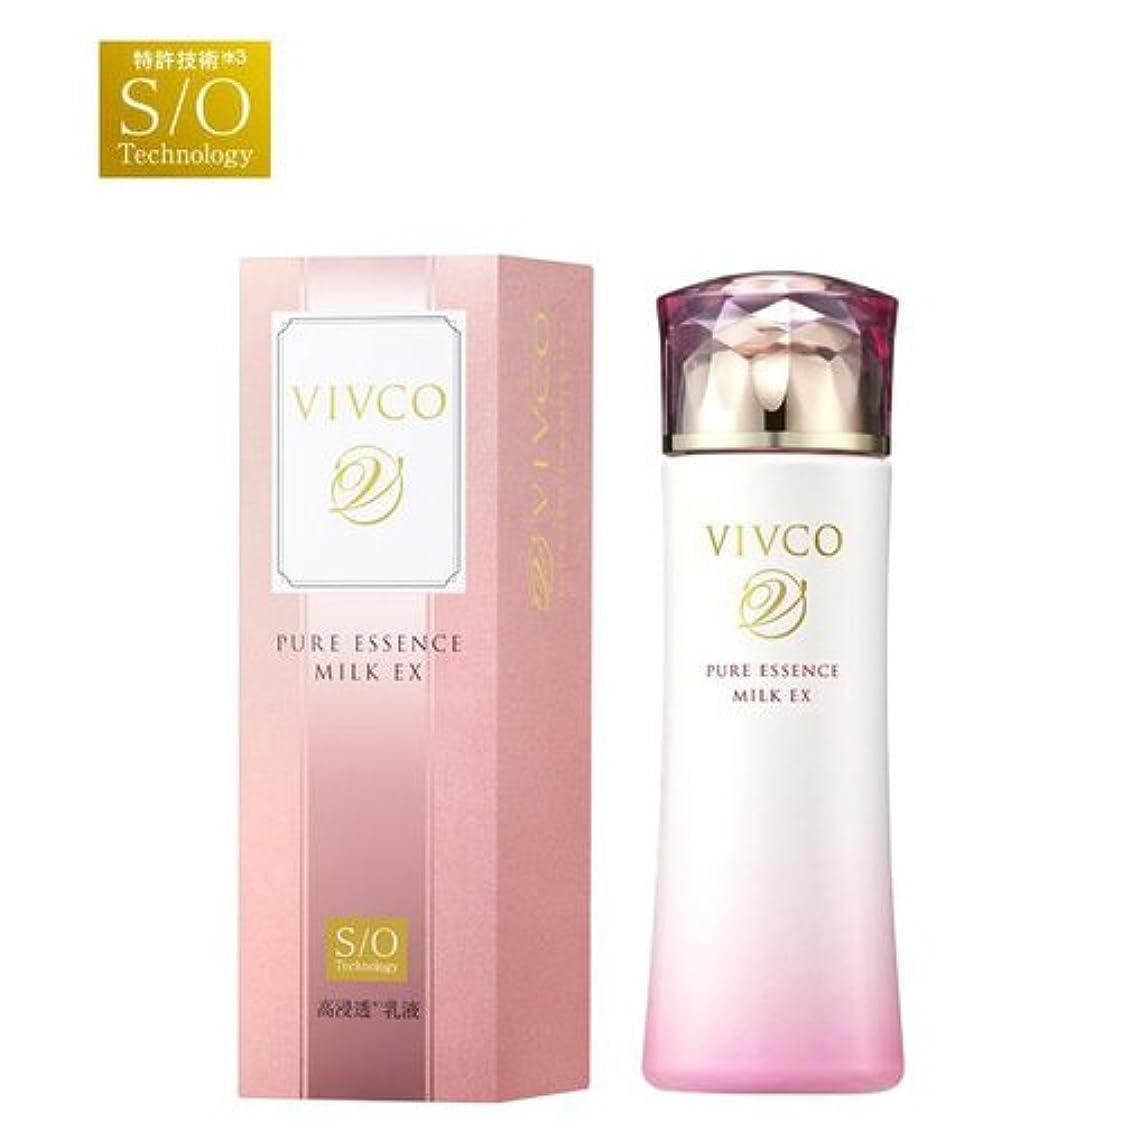 ご注意告白する独創的VIVCO(ヴィヴコ) ピュアエッセンスミルク EX 120mL